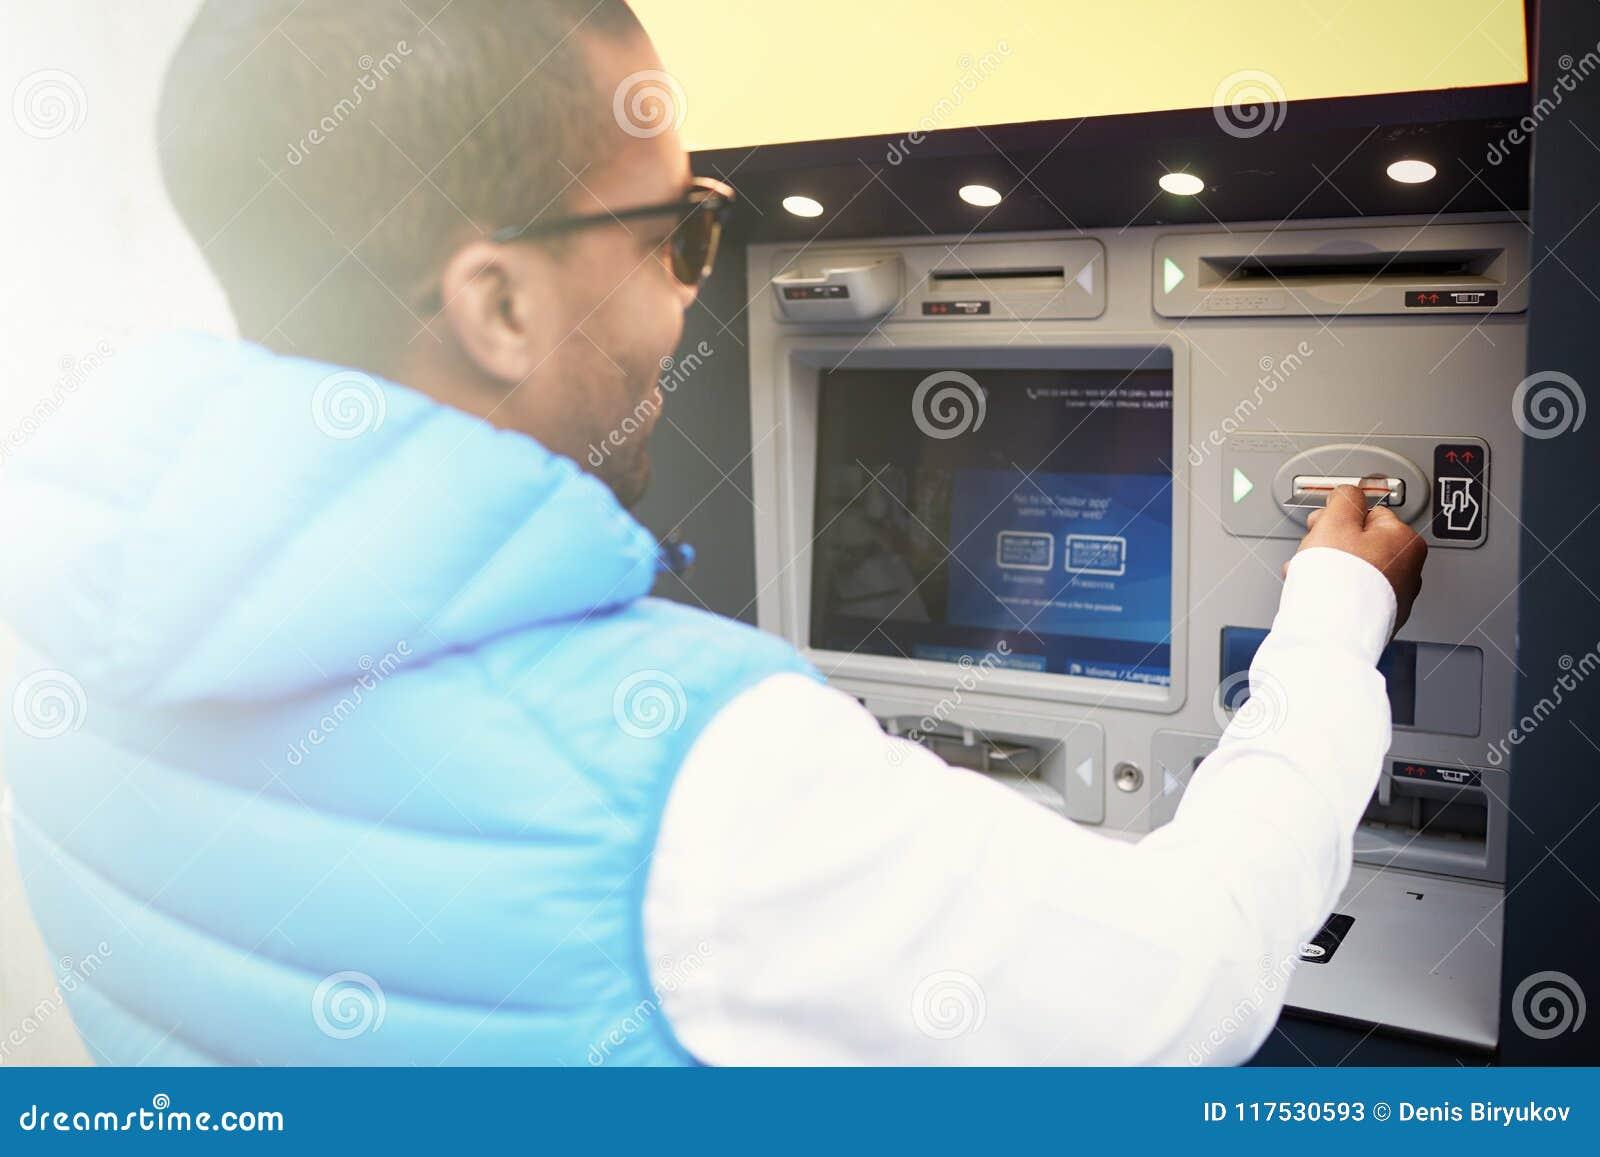 Sluit omhoog profielportret van zwarte mensentoerist gebruikend ATM-machine, na wenken in vreemde taal op het zijn scherm